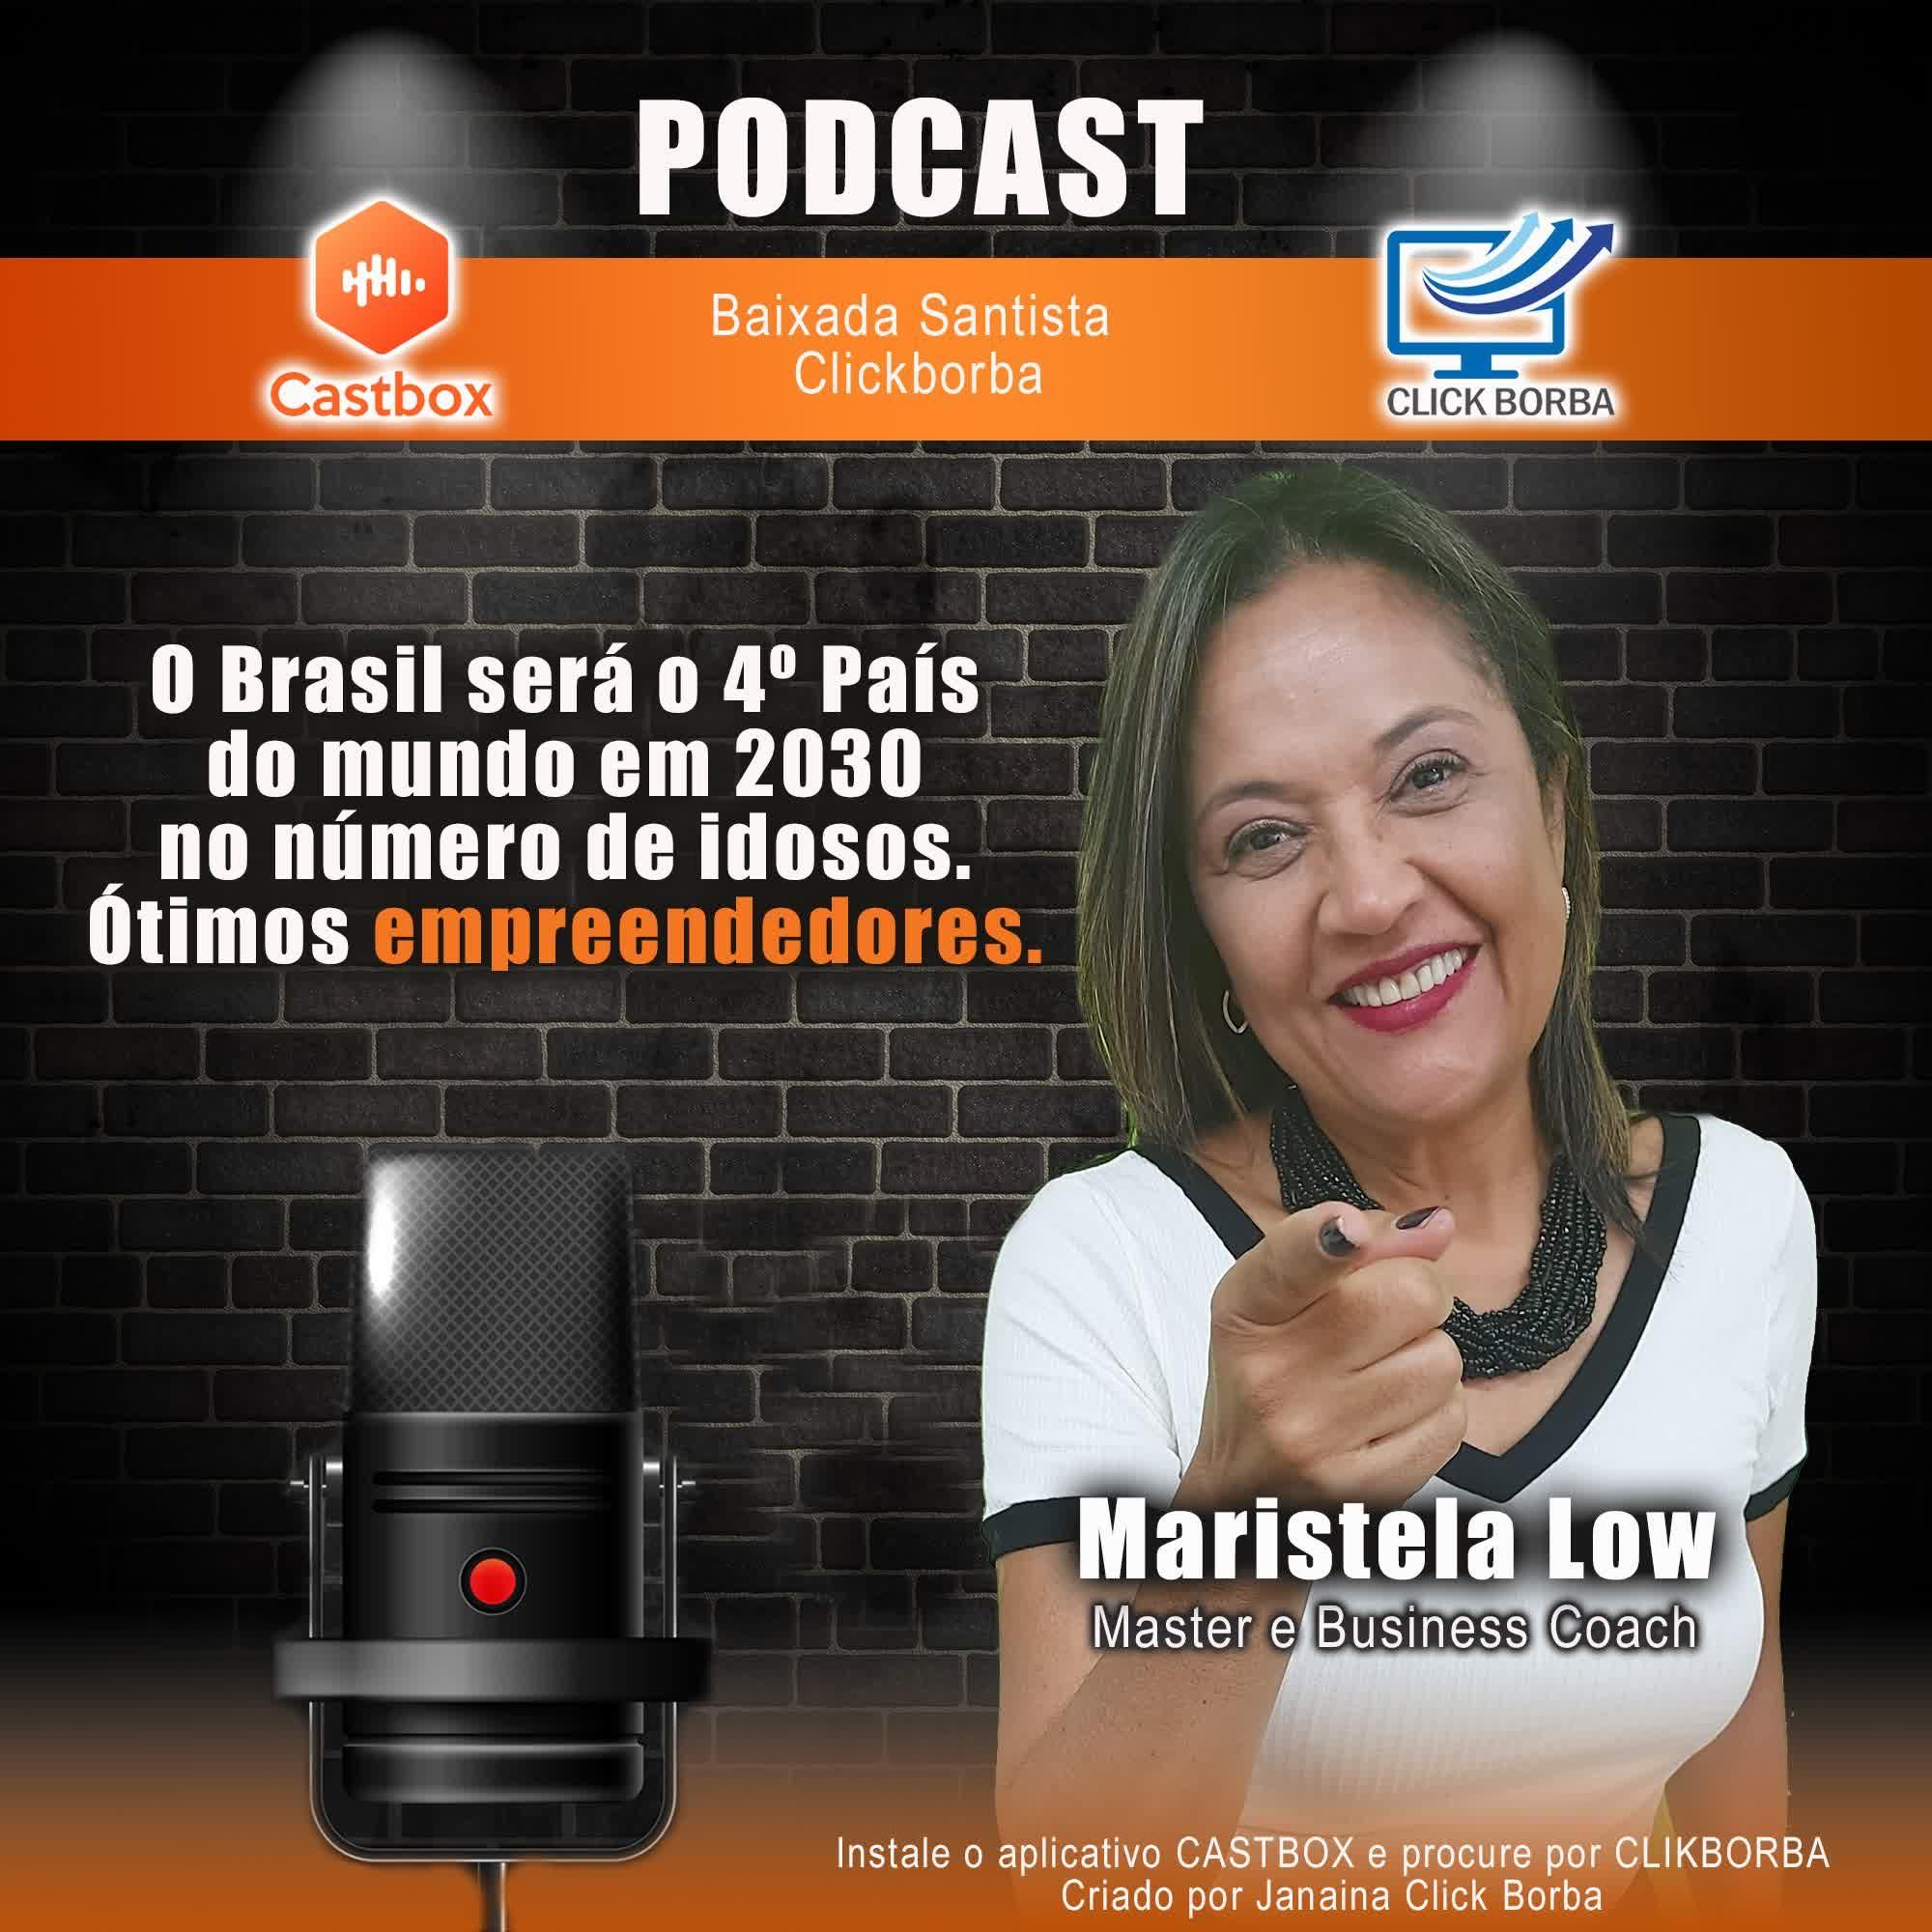 O Brasil será o 4º País do mundo em 2030 no número de idosos. Ótimos empreendedores. Com Maristela Low